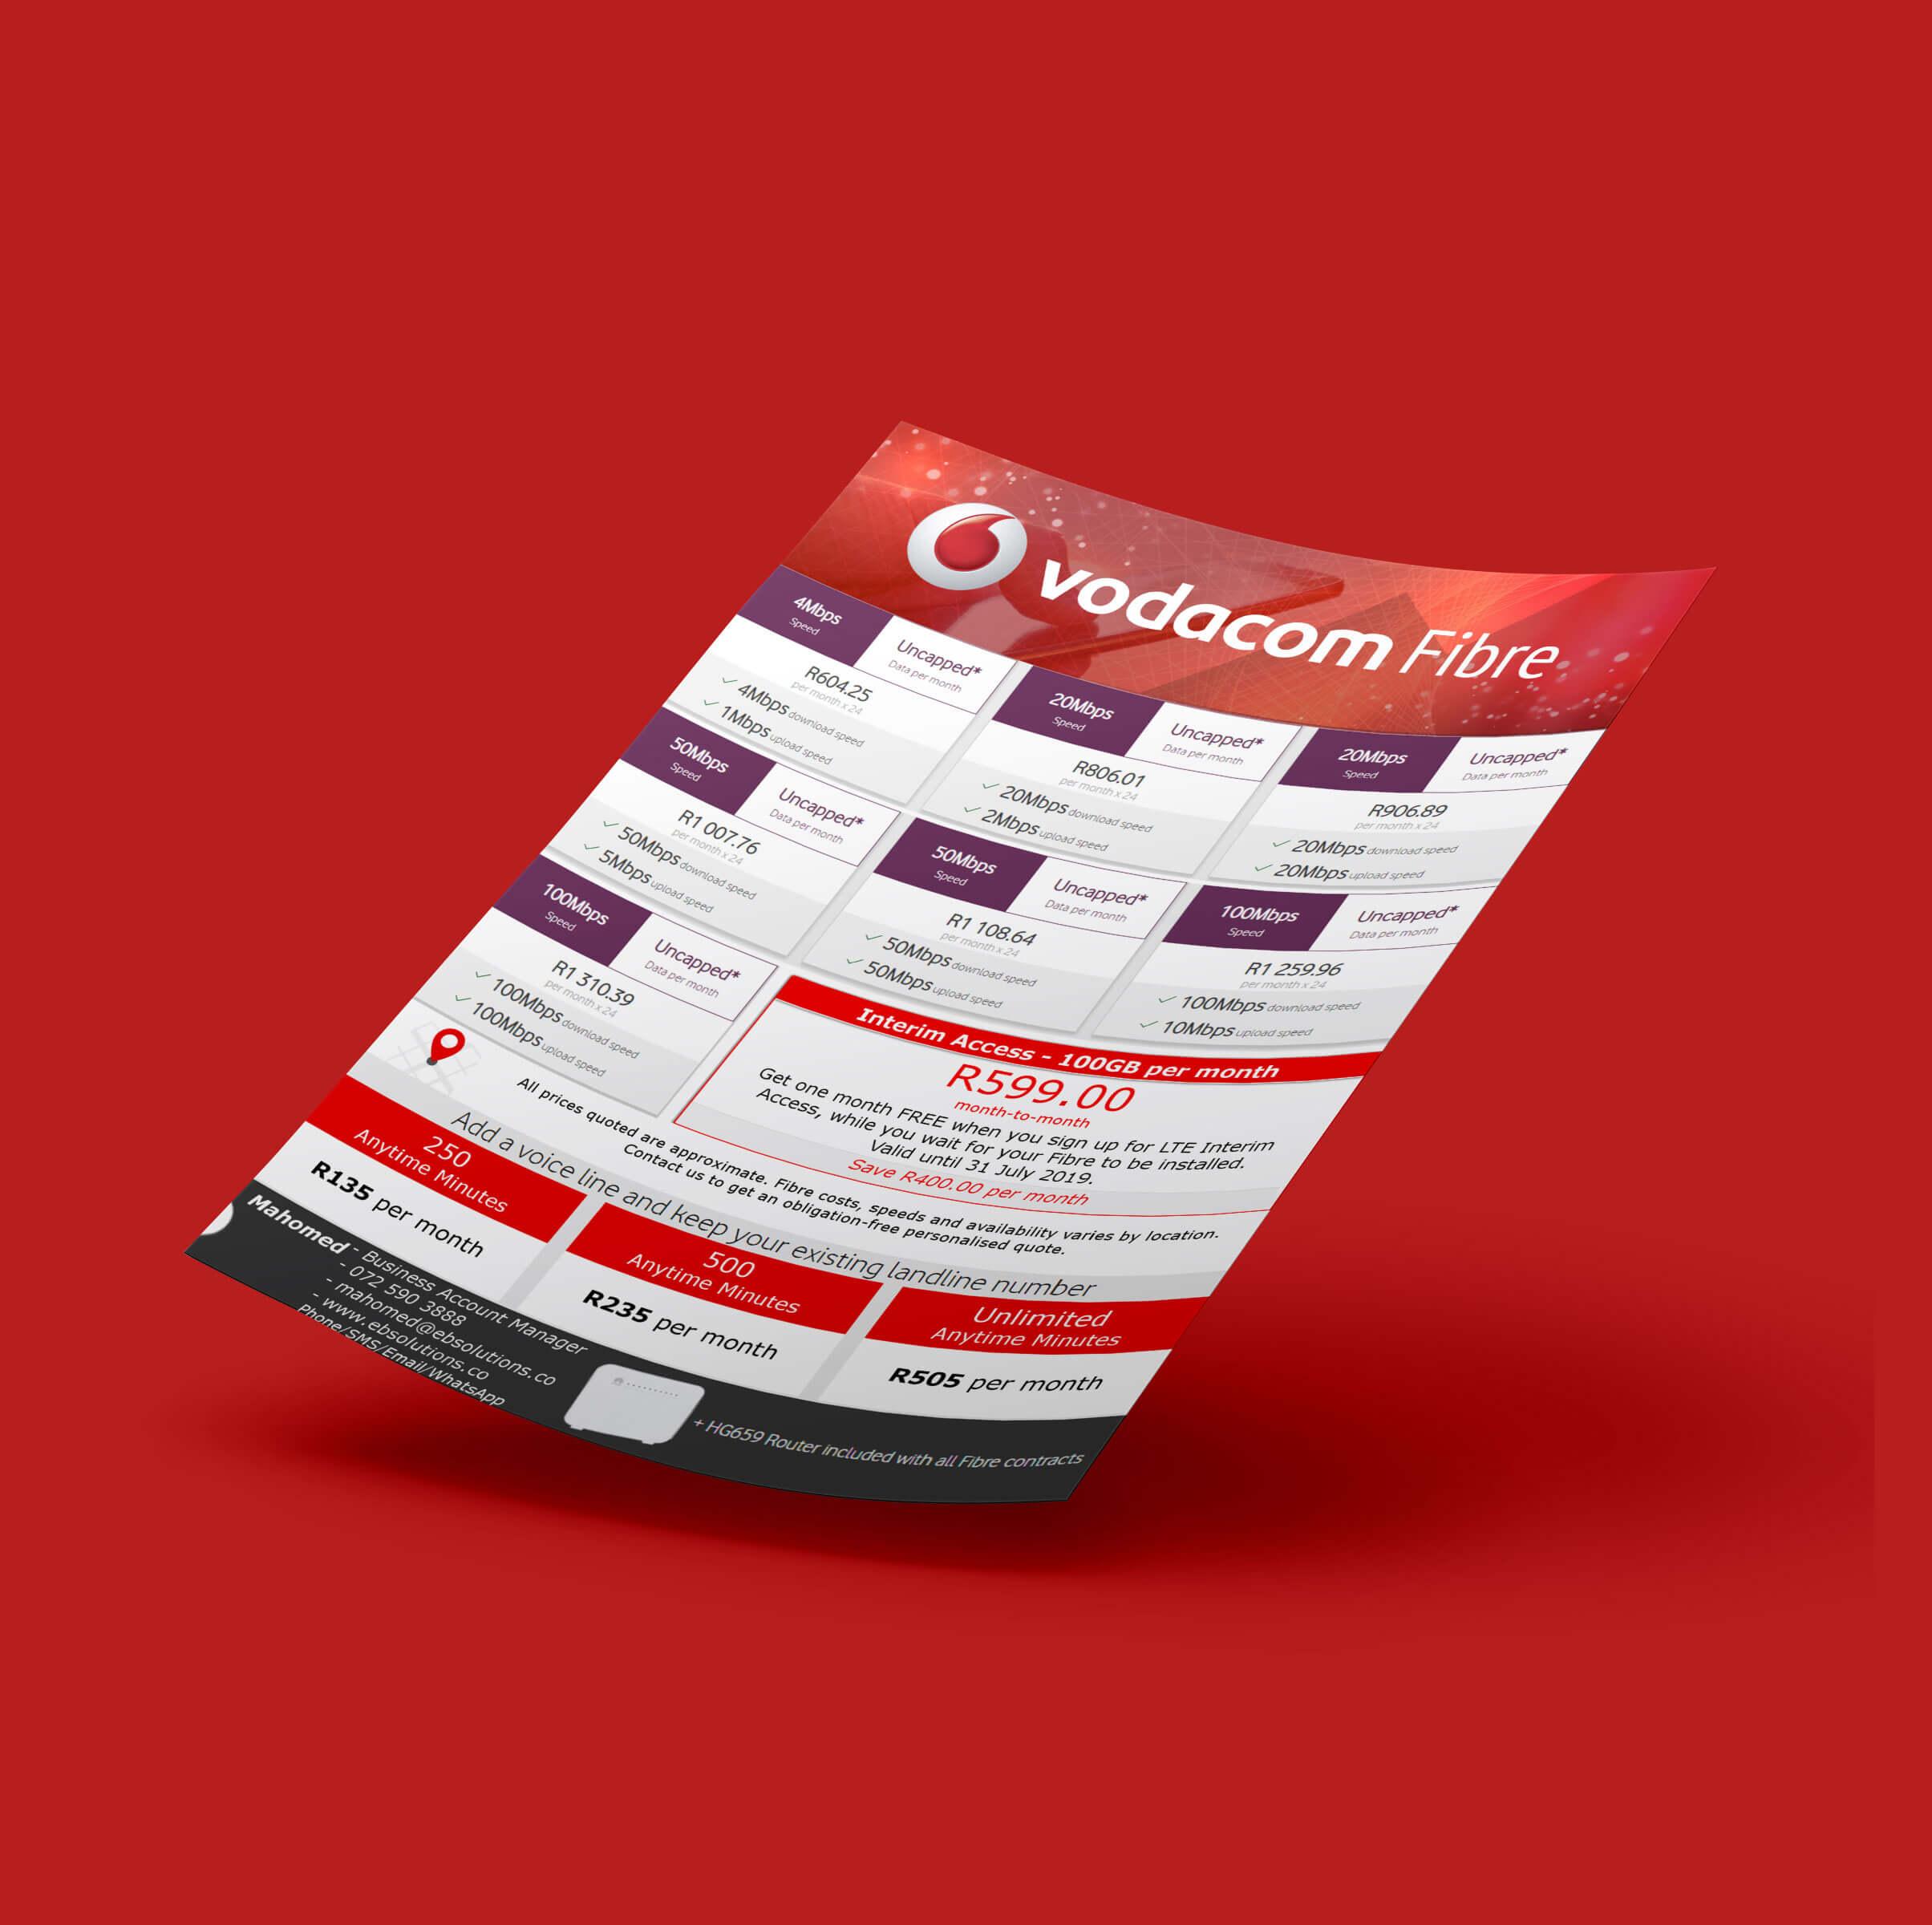 E4-Graphic-design-corporate-identity